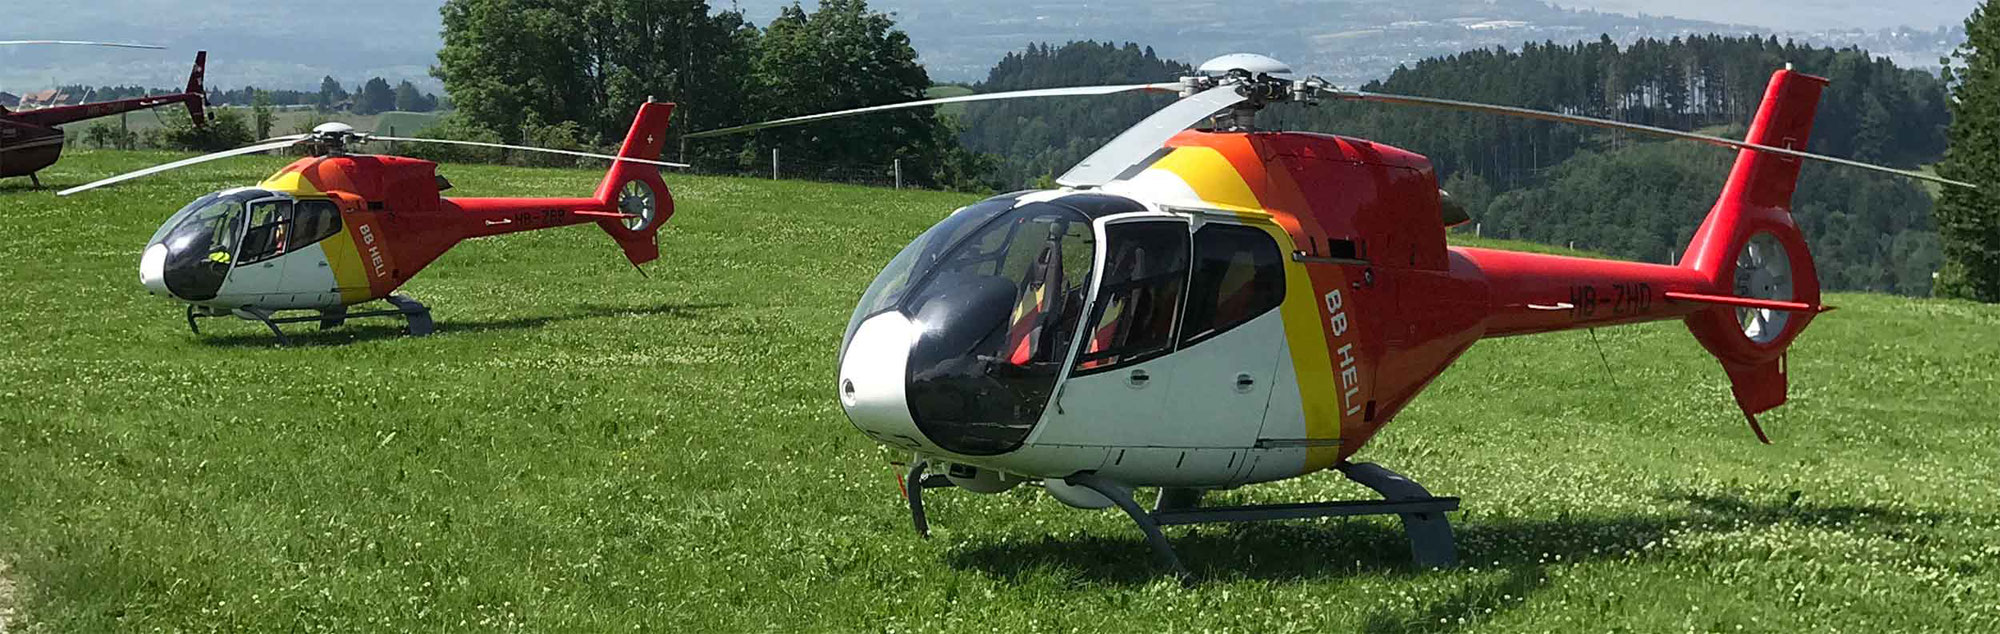 Unverbindliche Offerte Helikopterflug Zürich